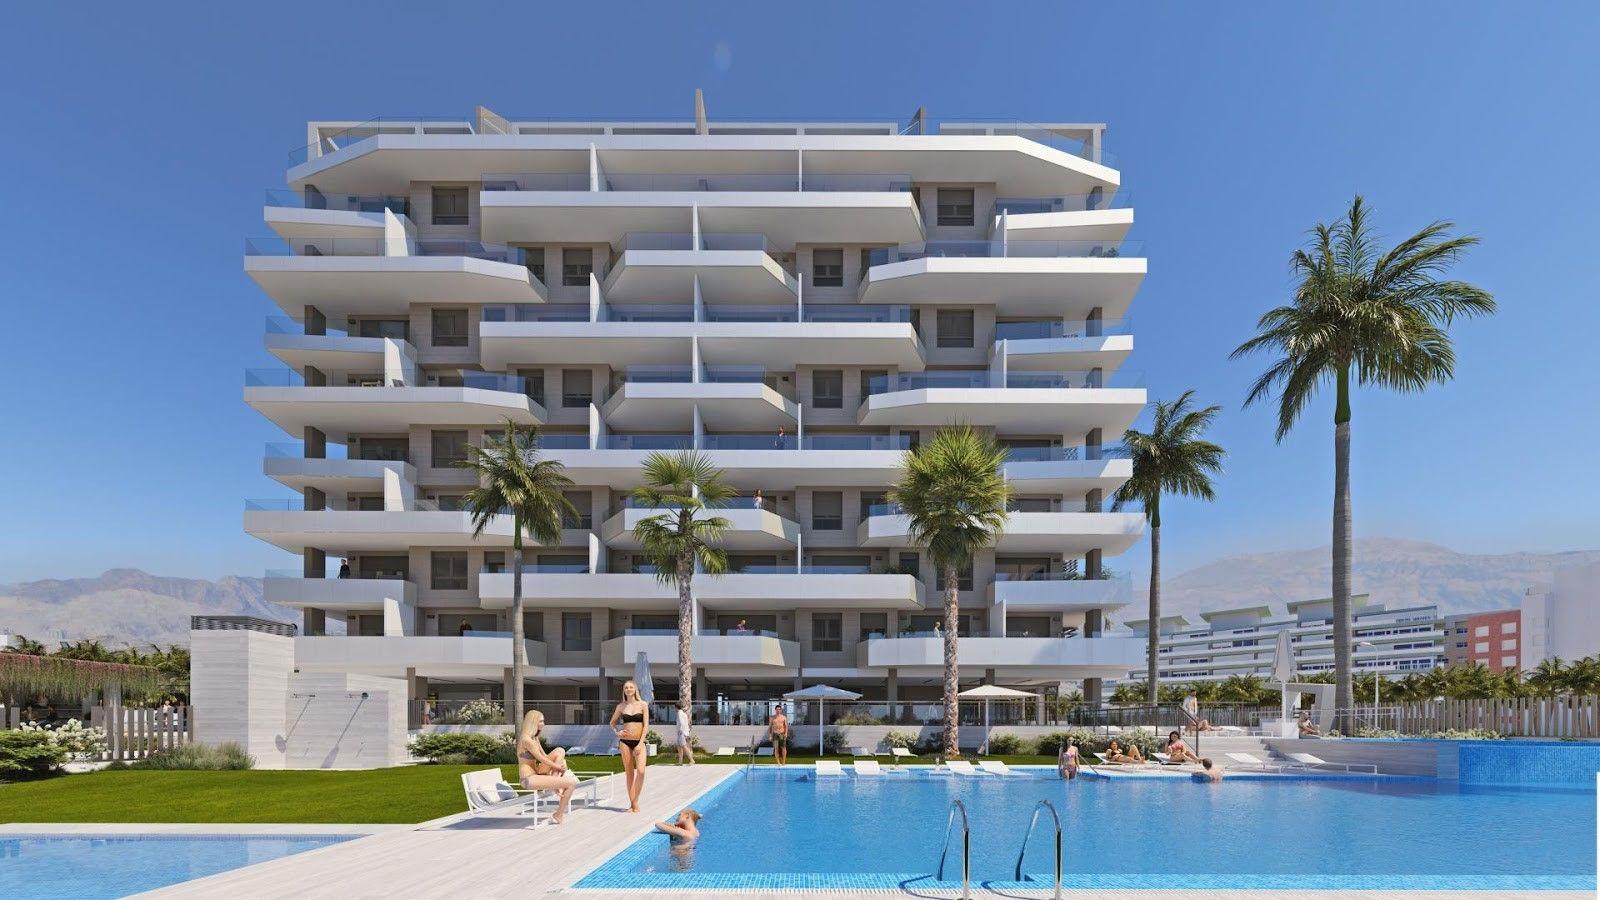 Urbincasa saca a la venta la segunda fase del Residencial Jaloque en la playa de San Juan